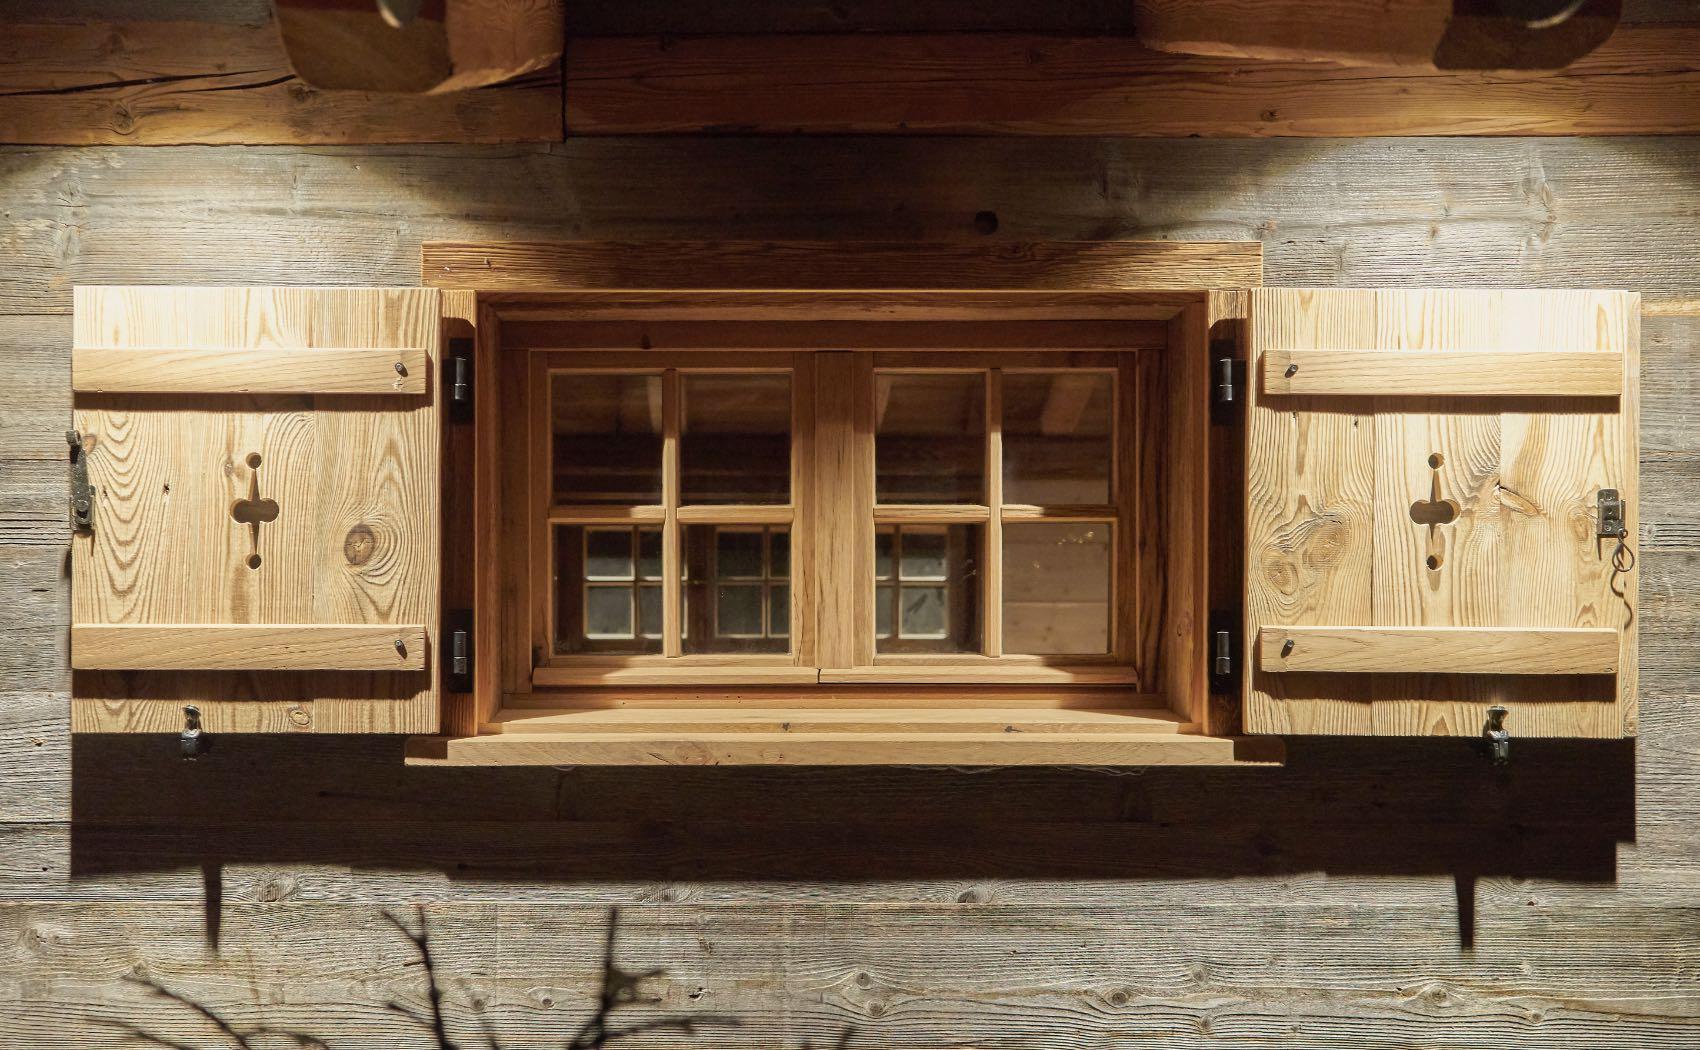 Fenster einer Saunahütte